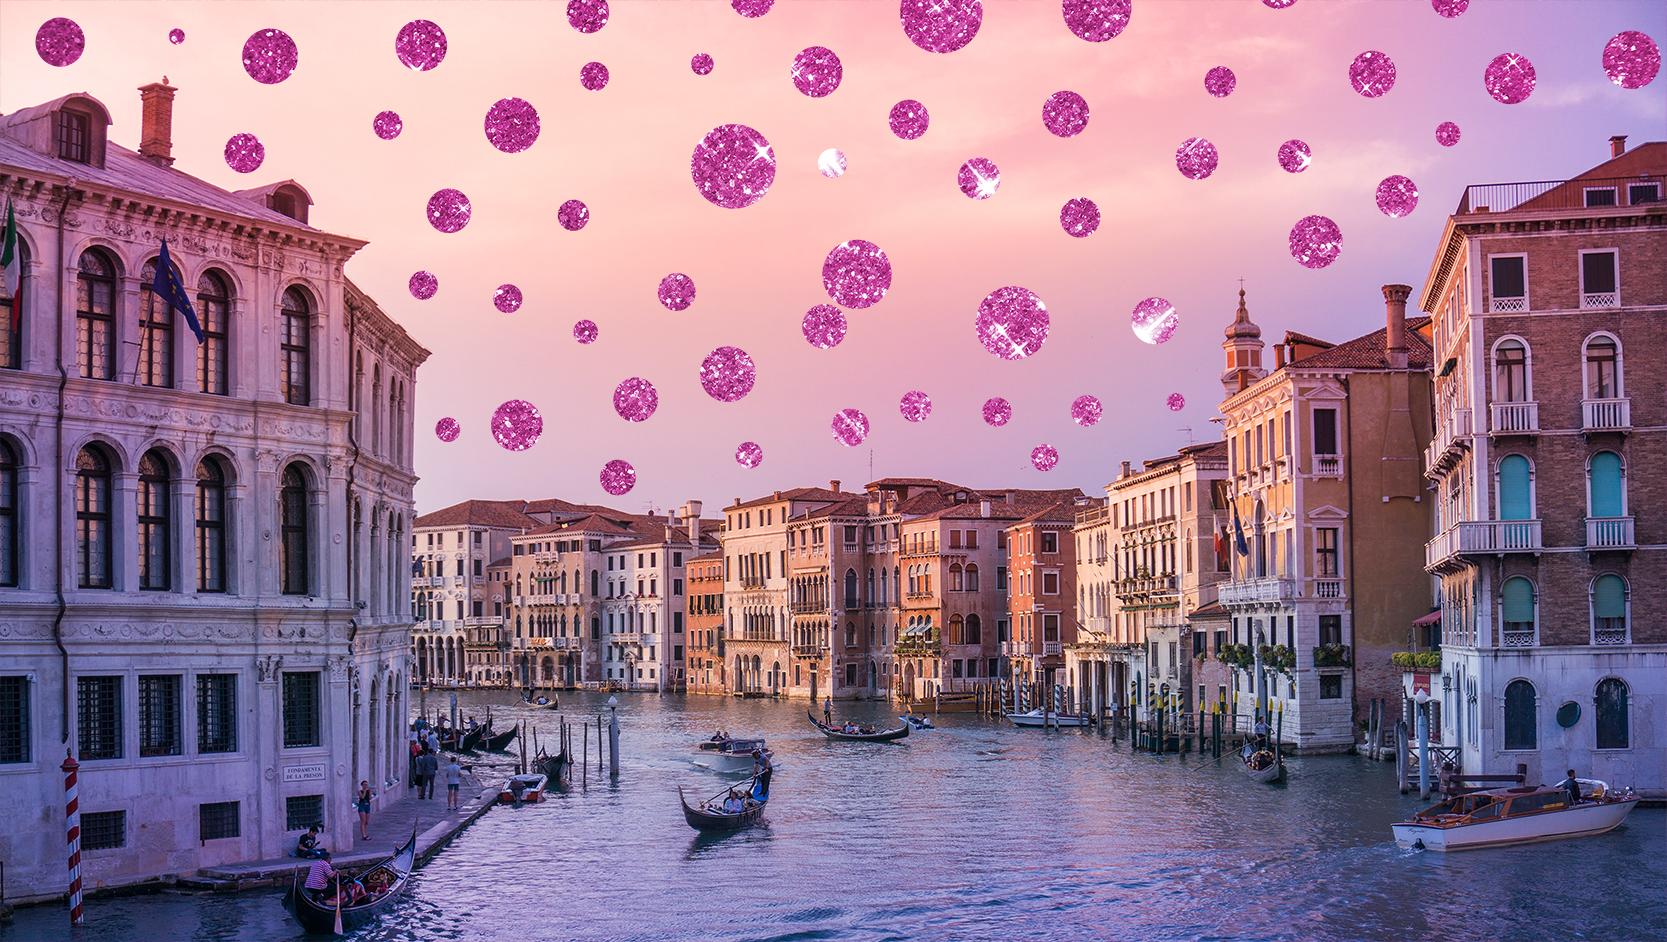 La magia di Venezia, tutta da (ri)scoprire nelle sue botteghe storiche